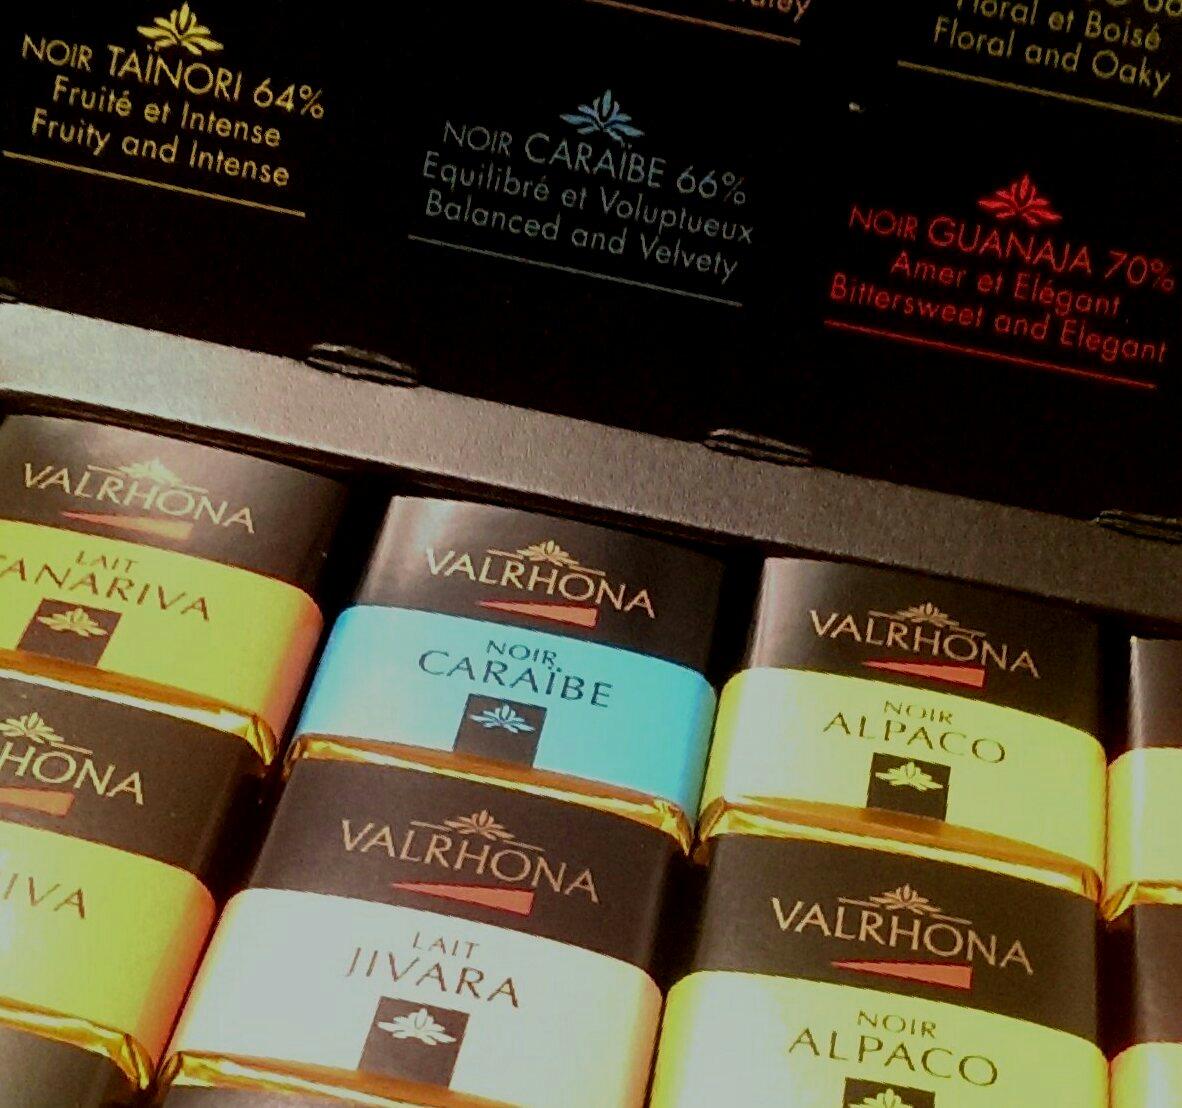 Valrhona Chocolate | Rum Diaries Blog